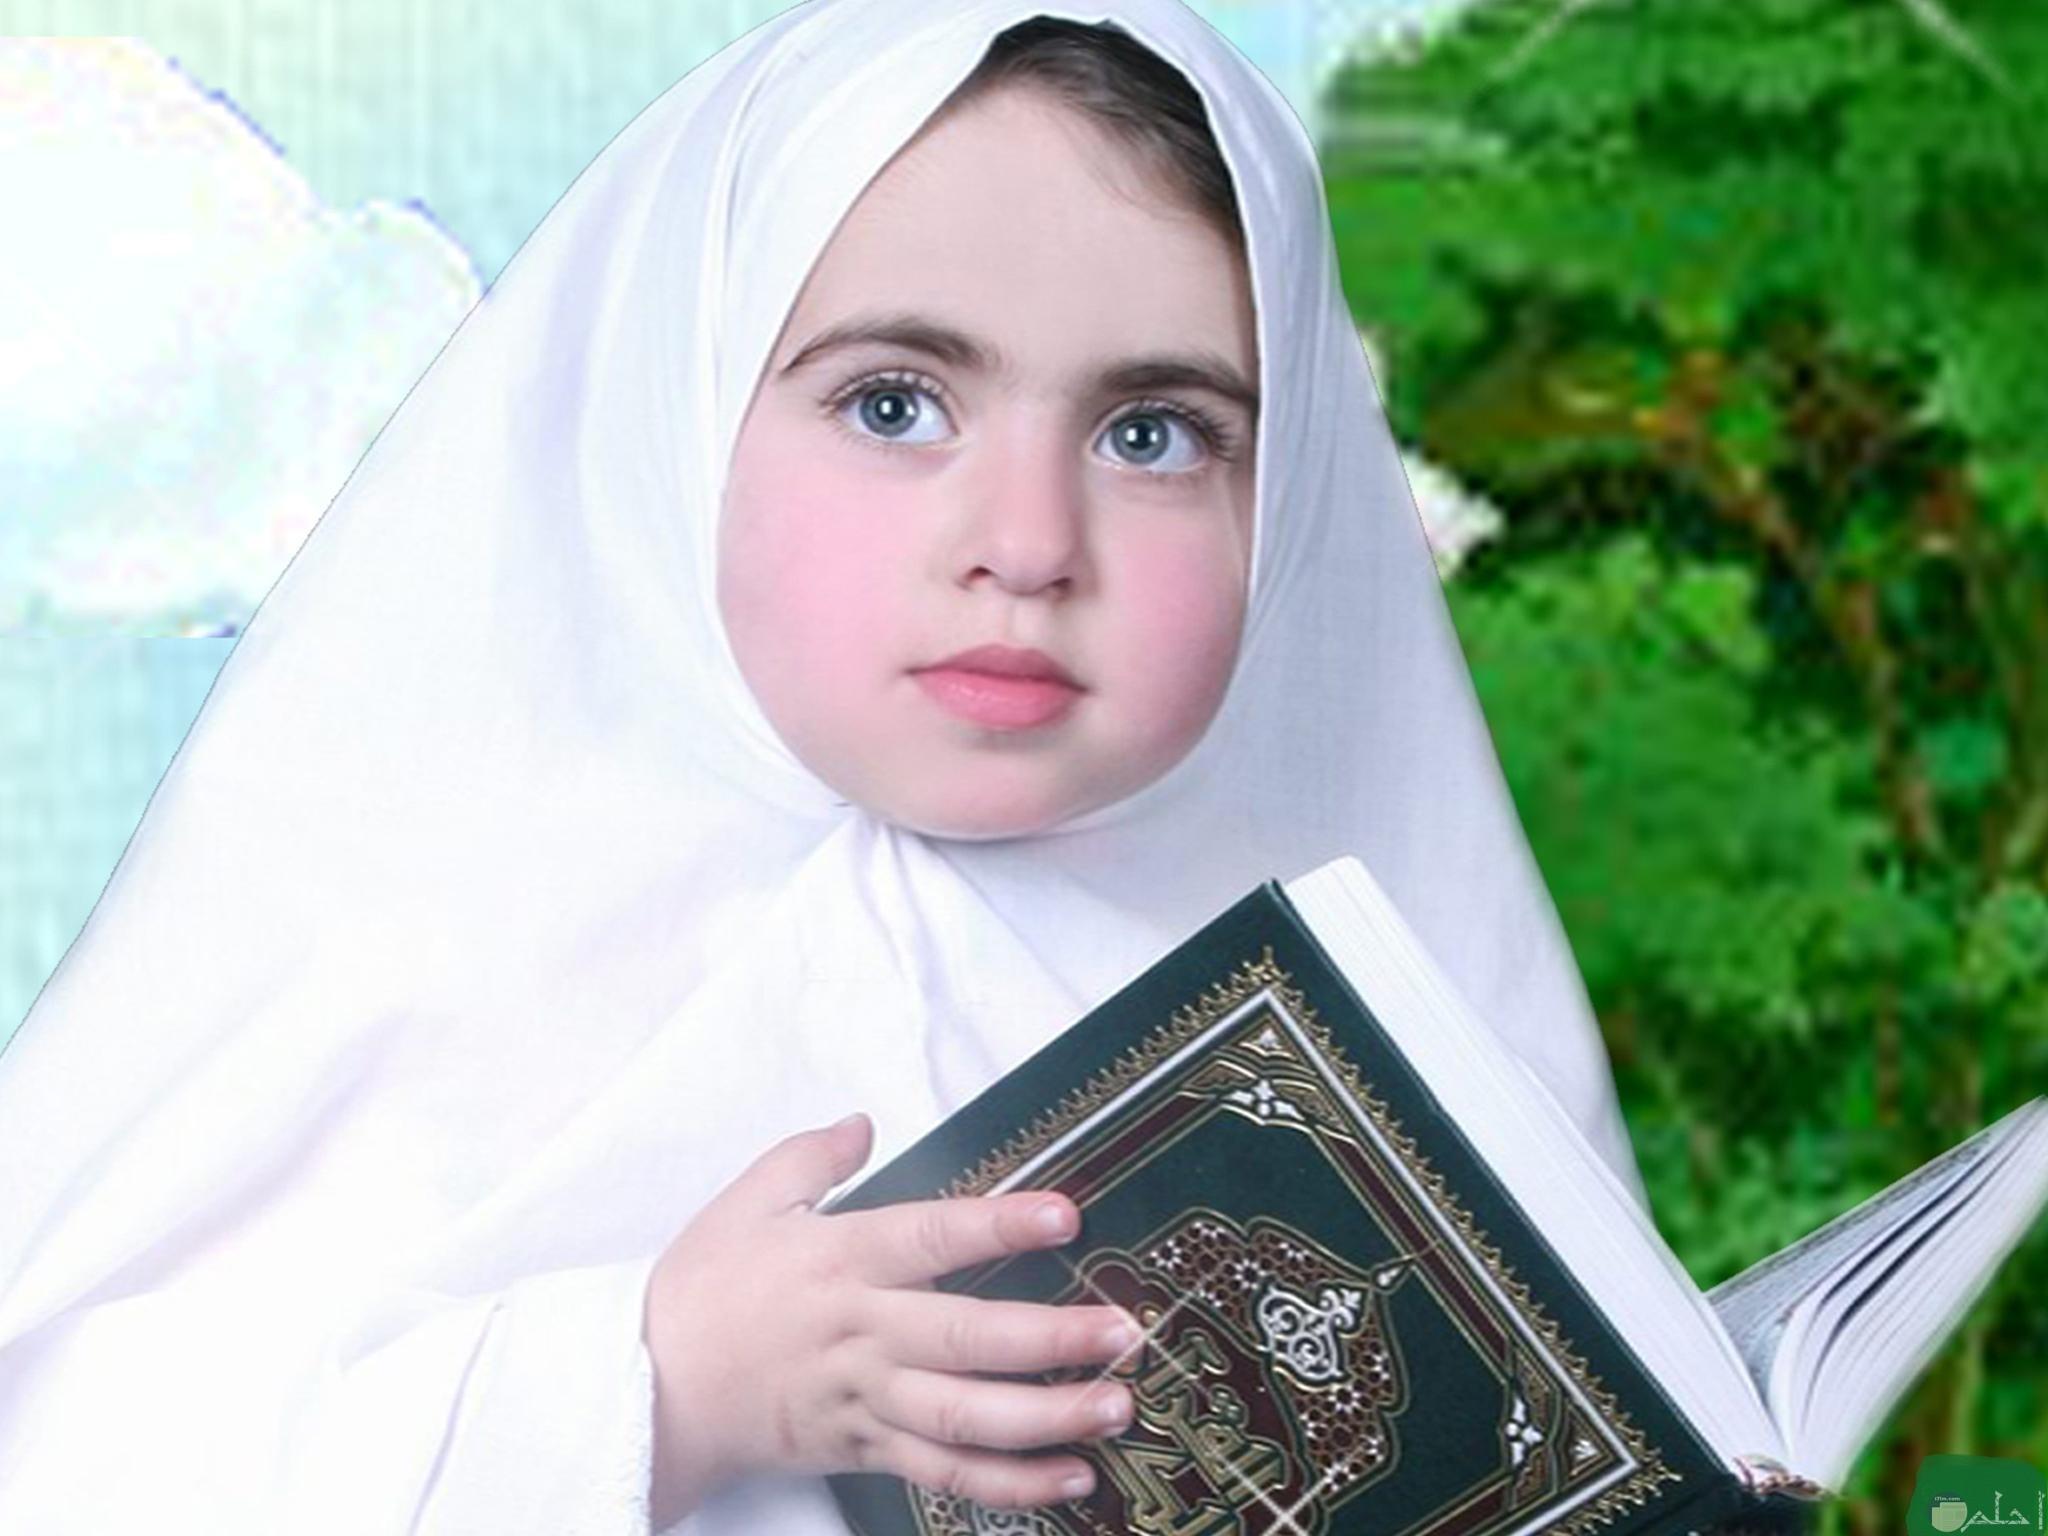 صورة بنت تمسك كتاب الله.